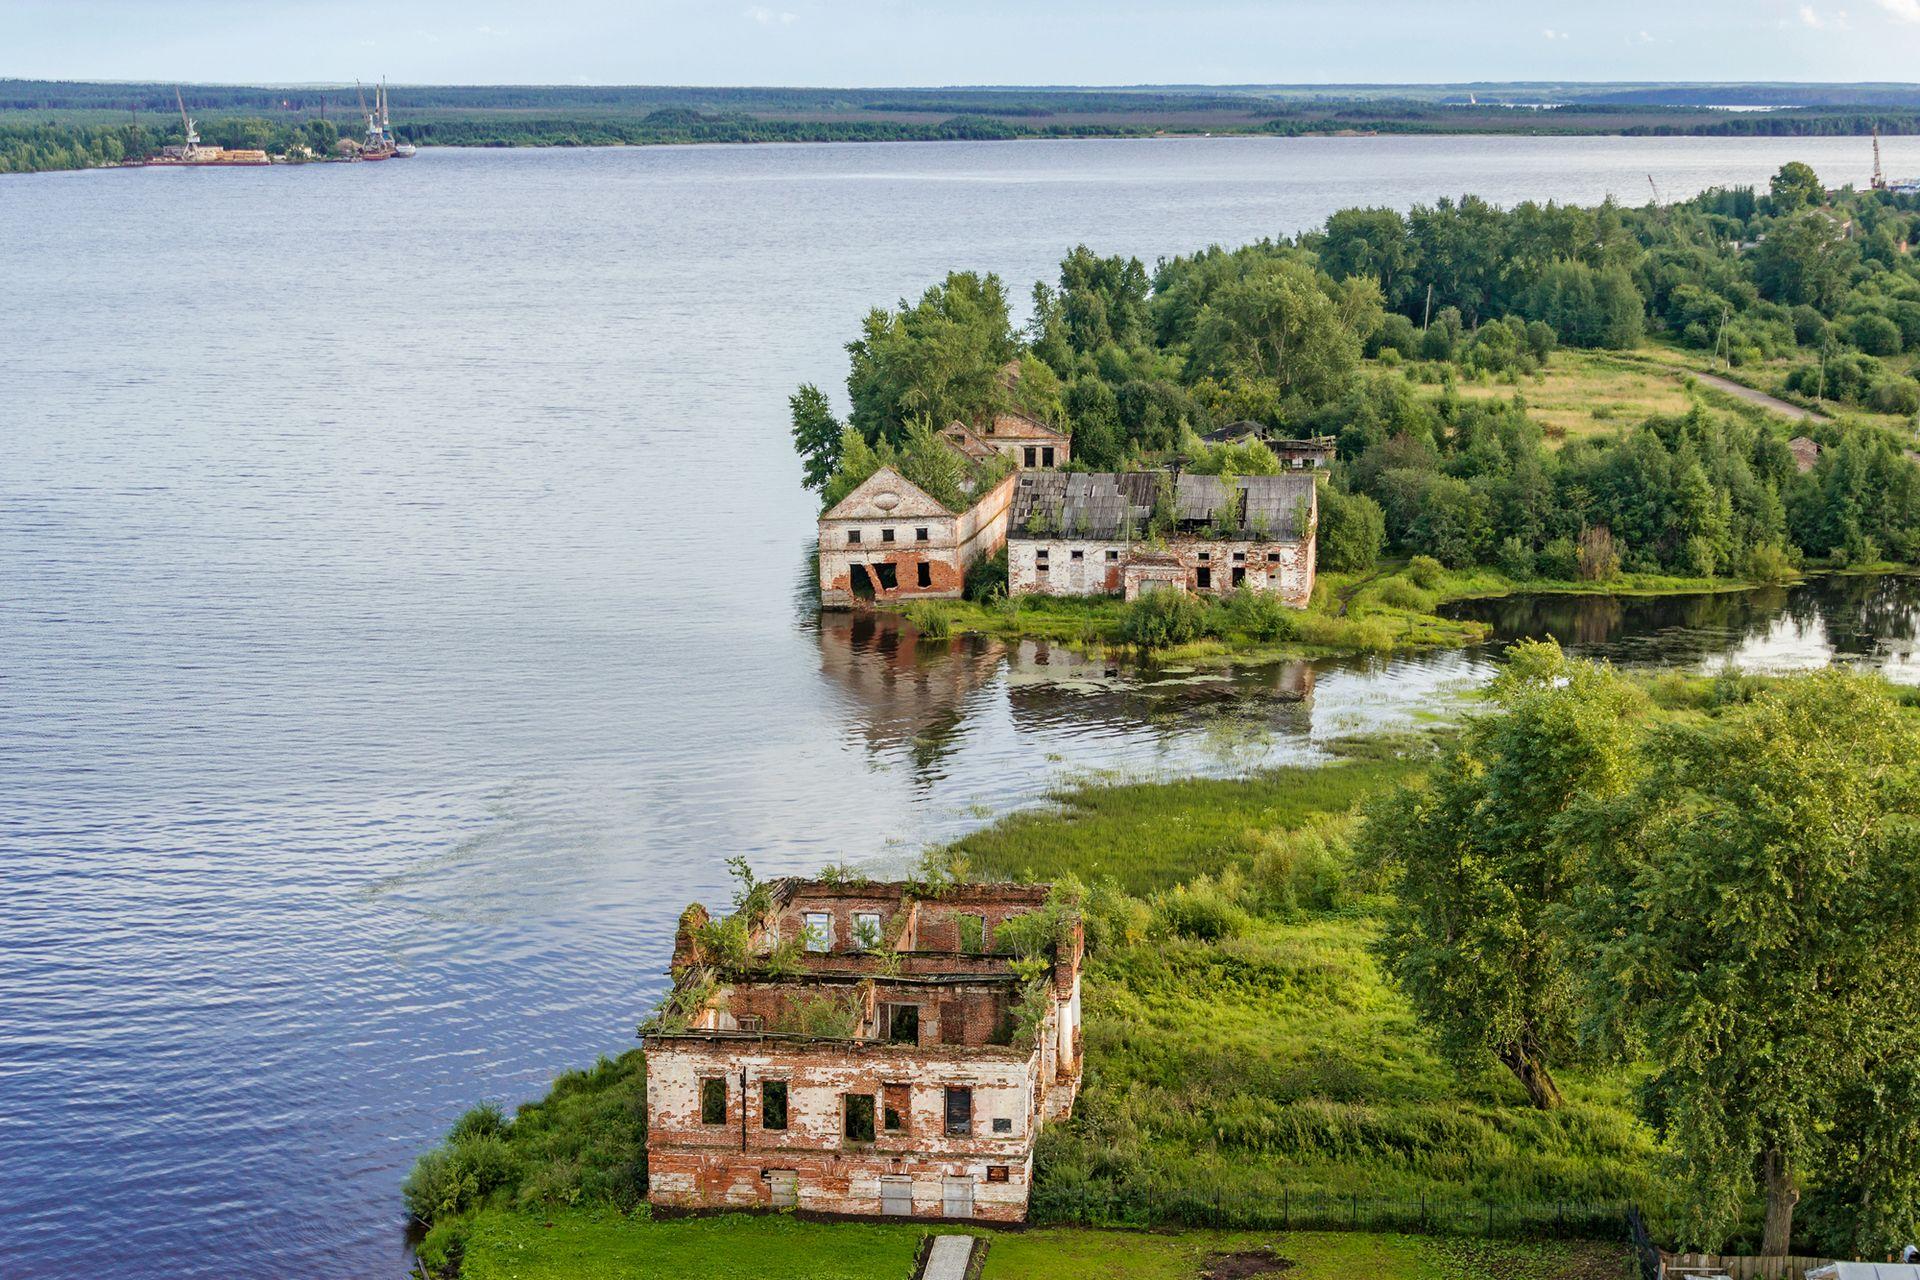 Заброшенные постройки Усолья (Пермский край): материальный магазин, припасной амбар и дом Абамелек-Лазарева